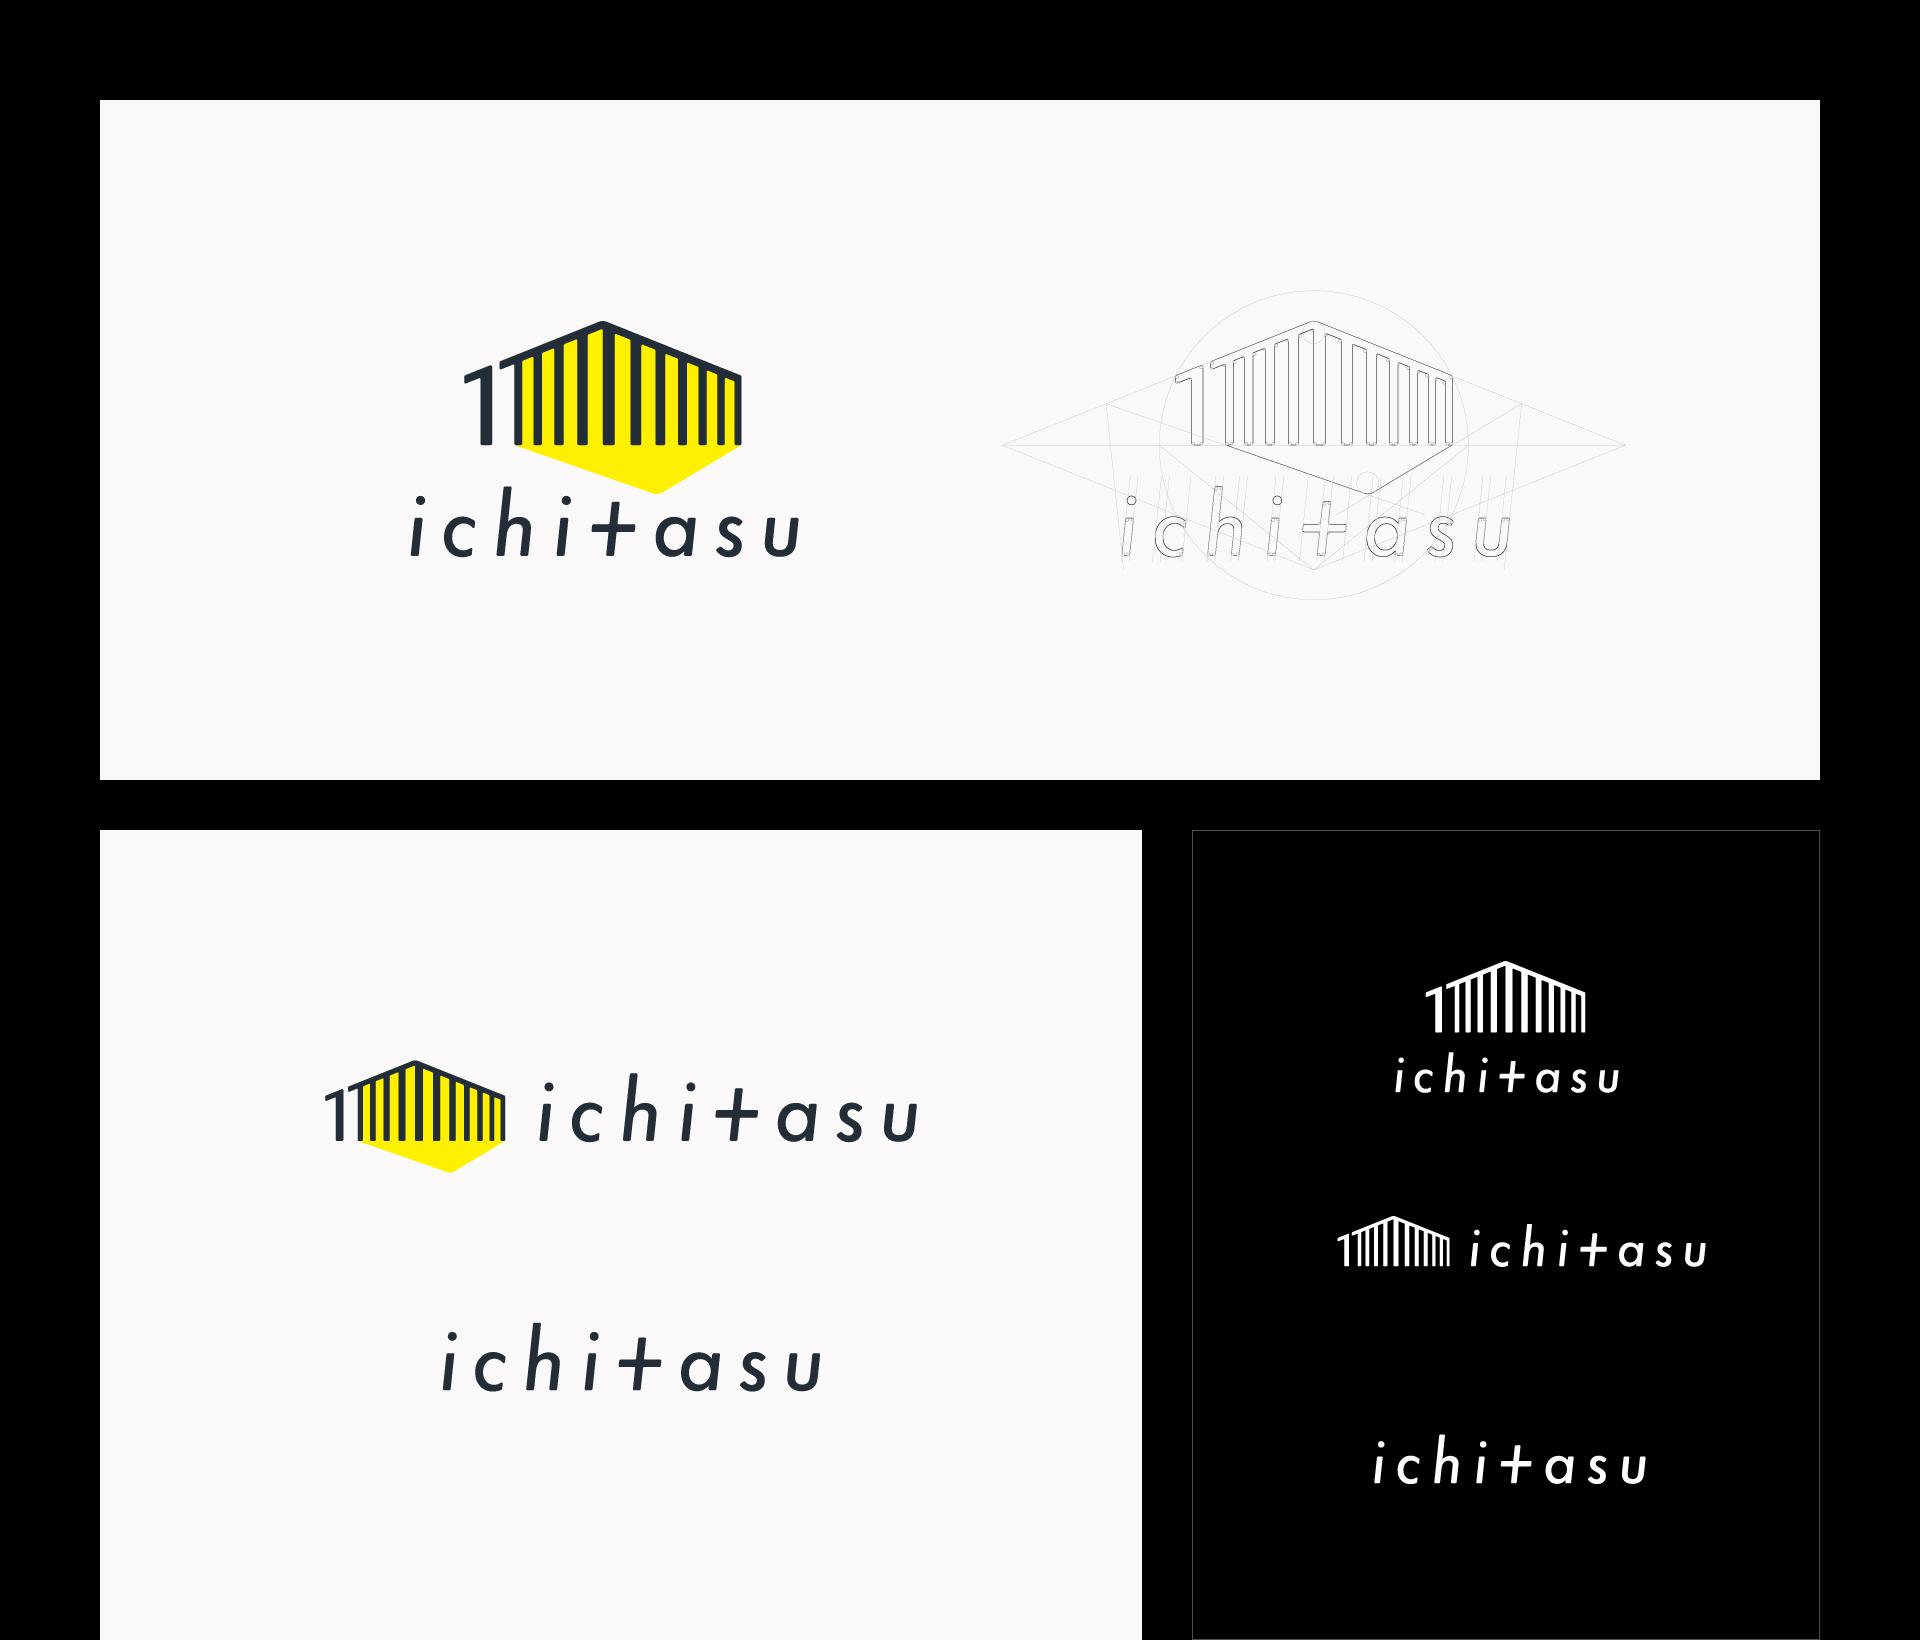 リノベーション賃貸住宅サービス「ichitasu」04